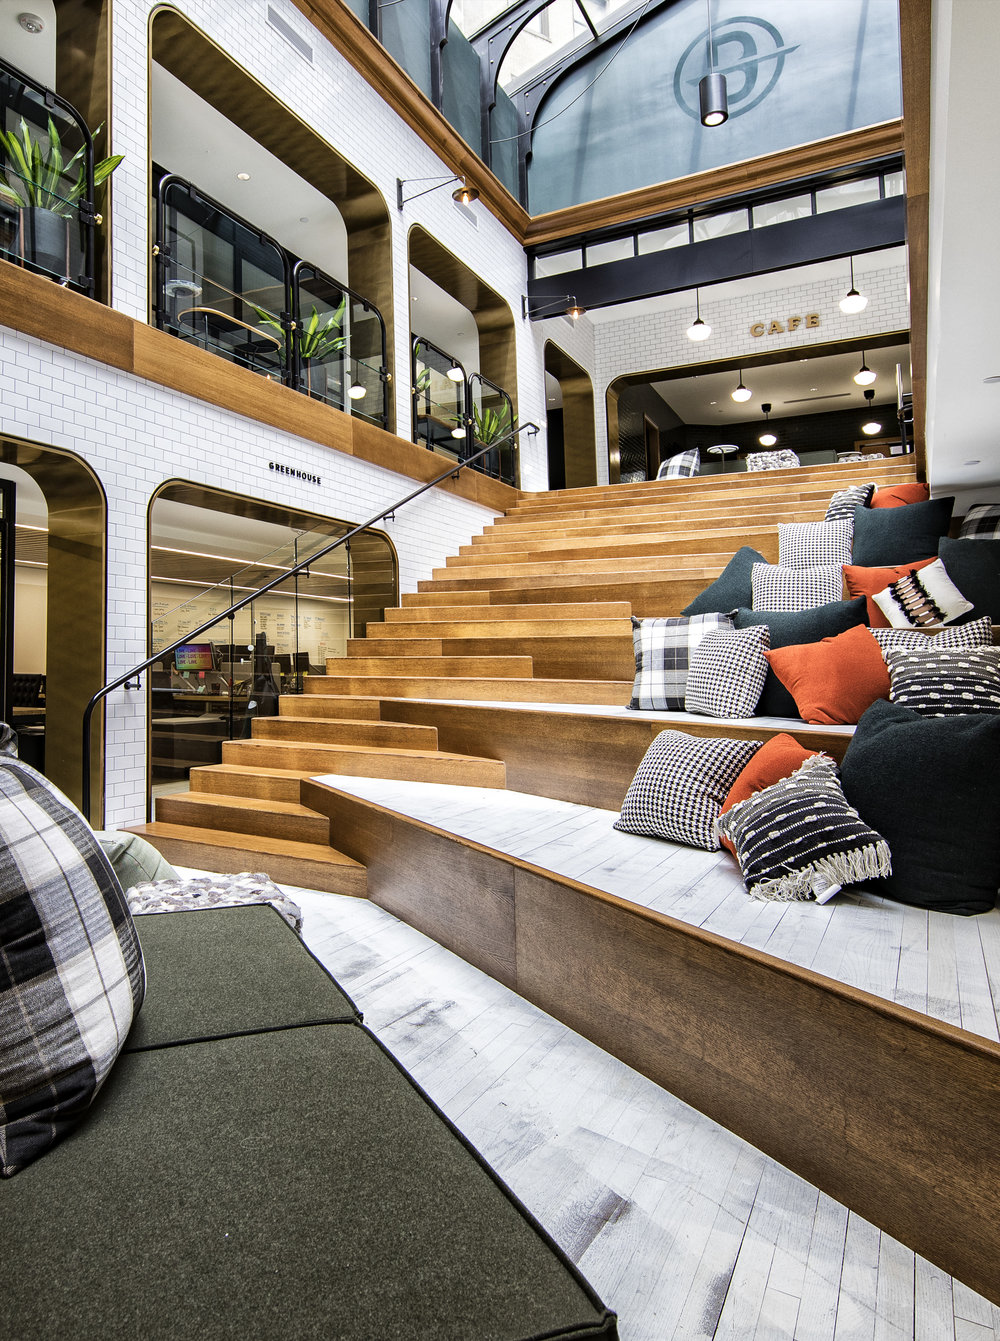 Stairs-20170604-004.jpg